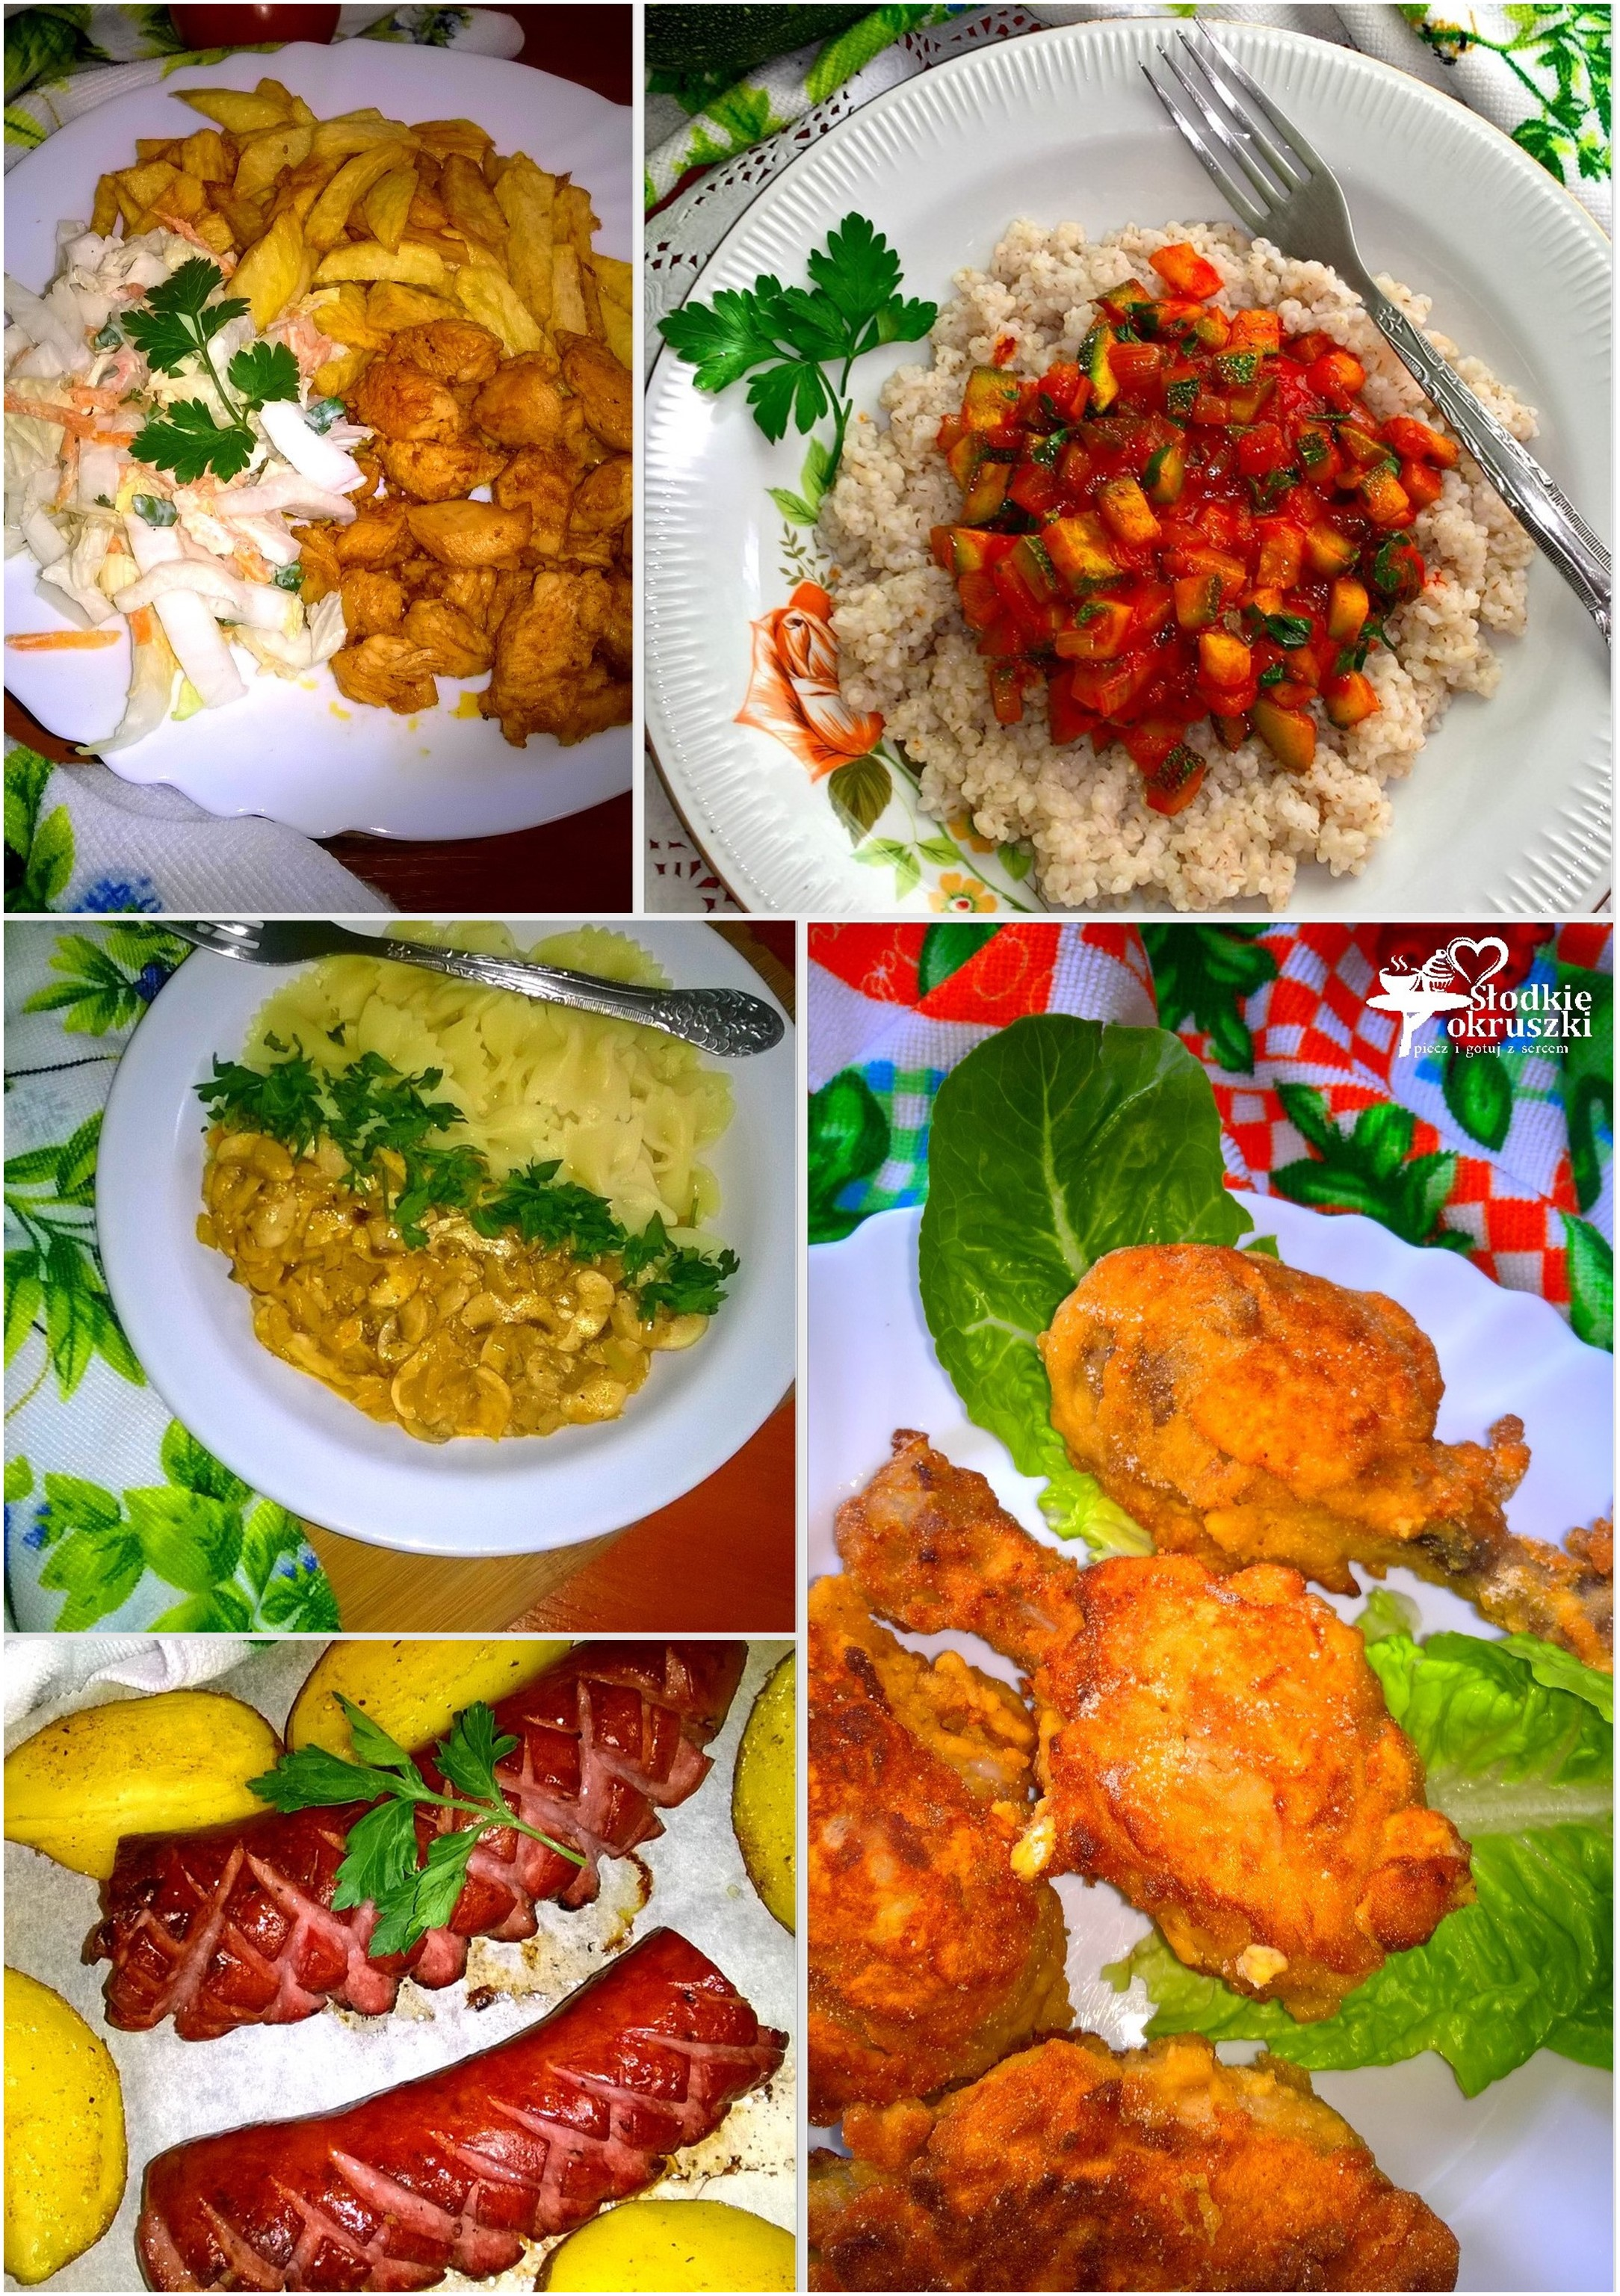 Przepisy obiadowe. 5 pomysłów na smaczny obiad.